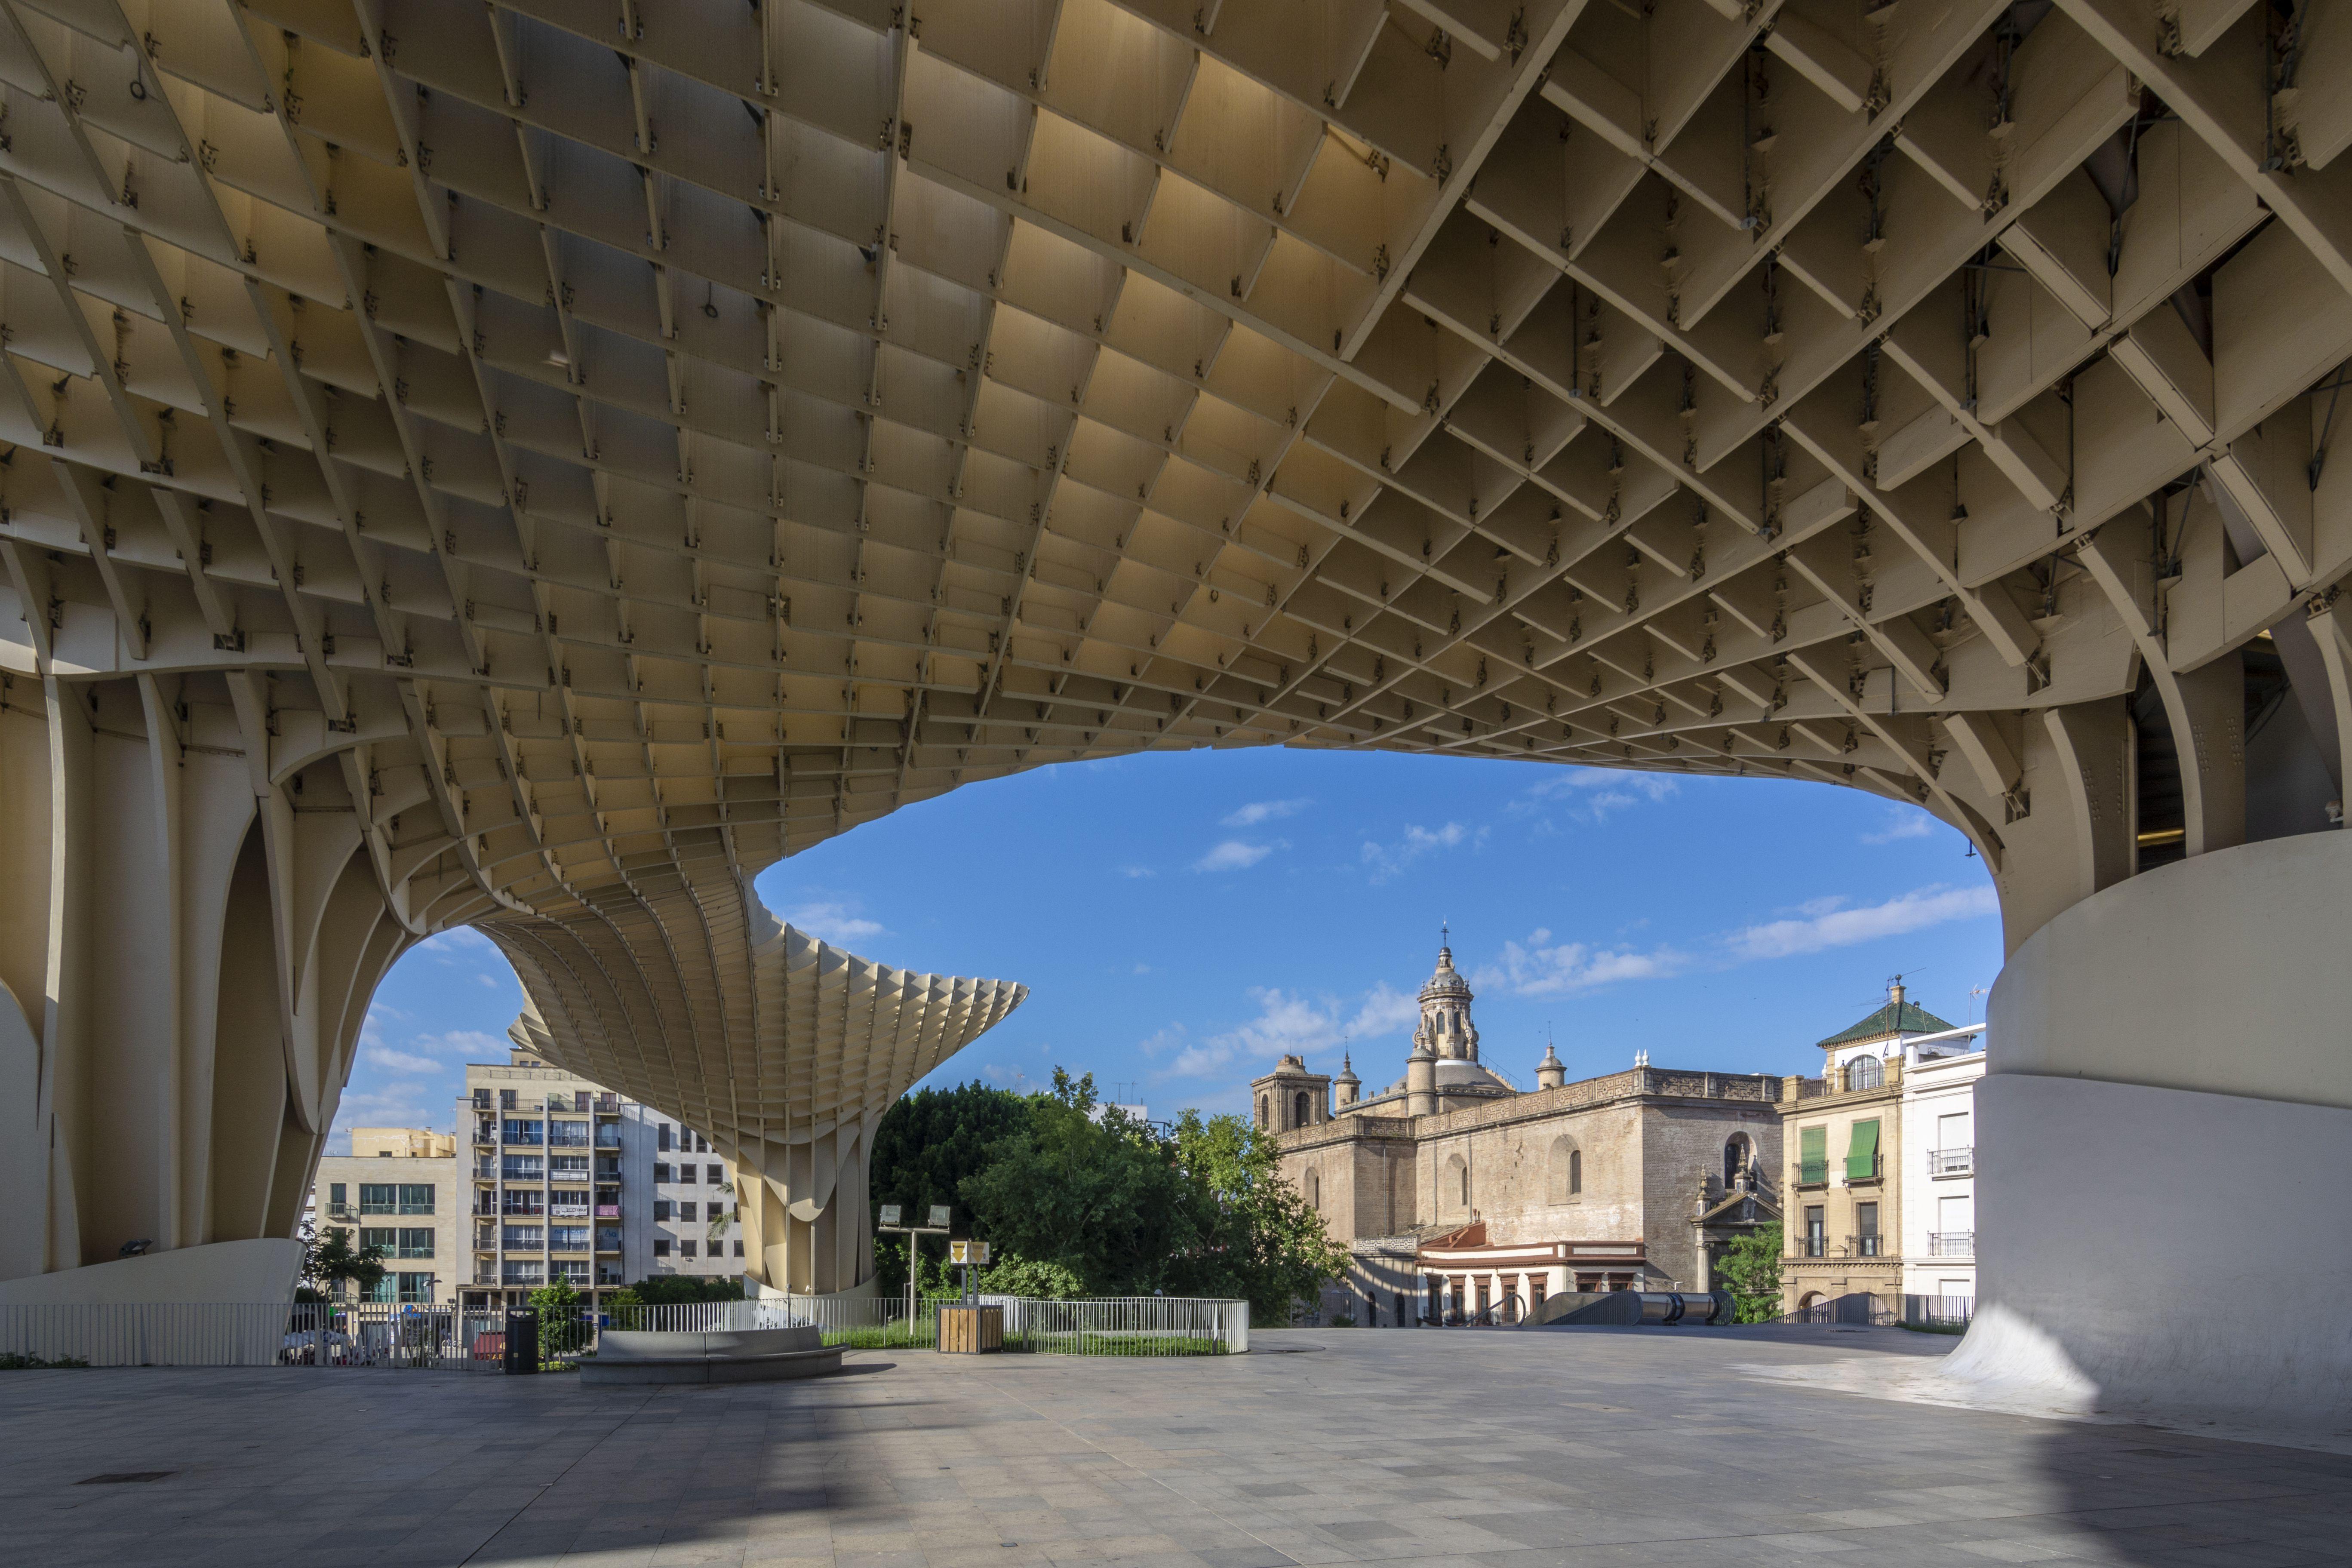 Vista de la ciudad a través del hongo de Sevilla, Andalucía, España